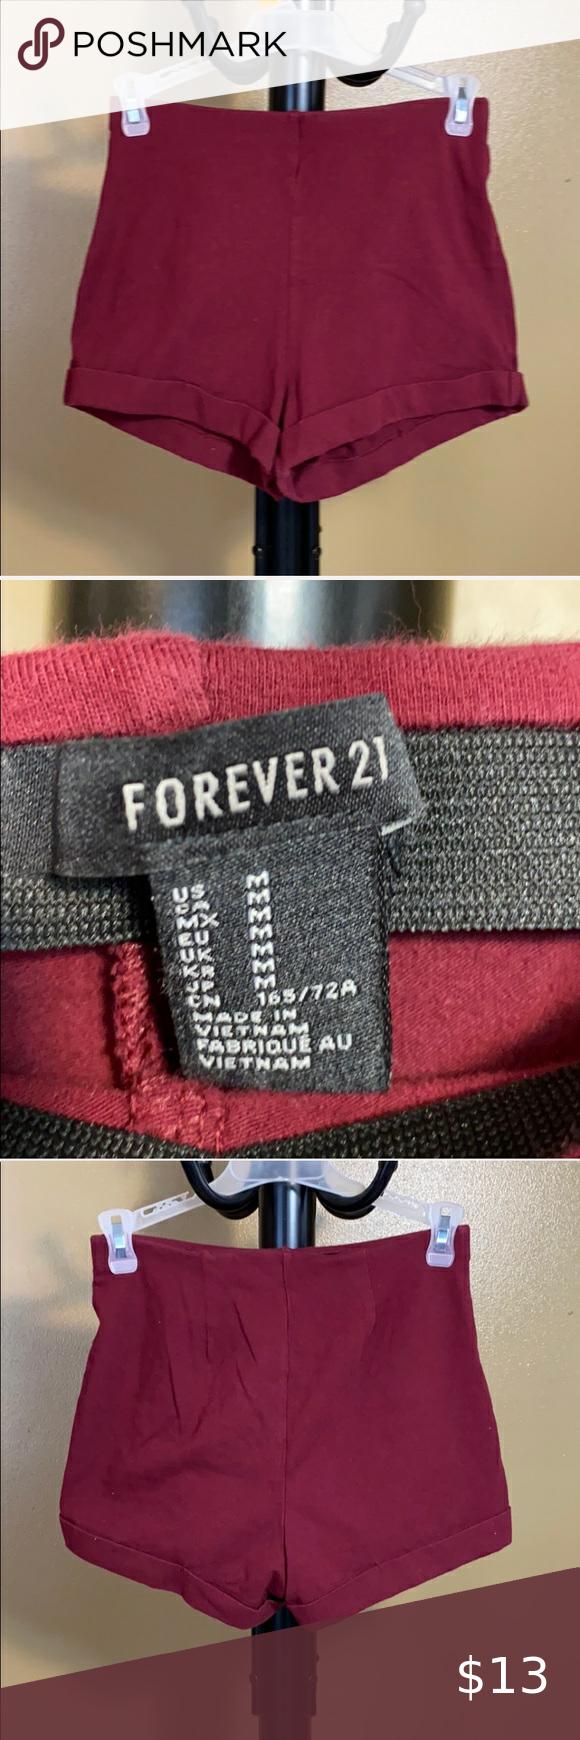 Forever 21, maroon shorts, medium